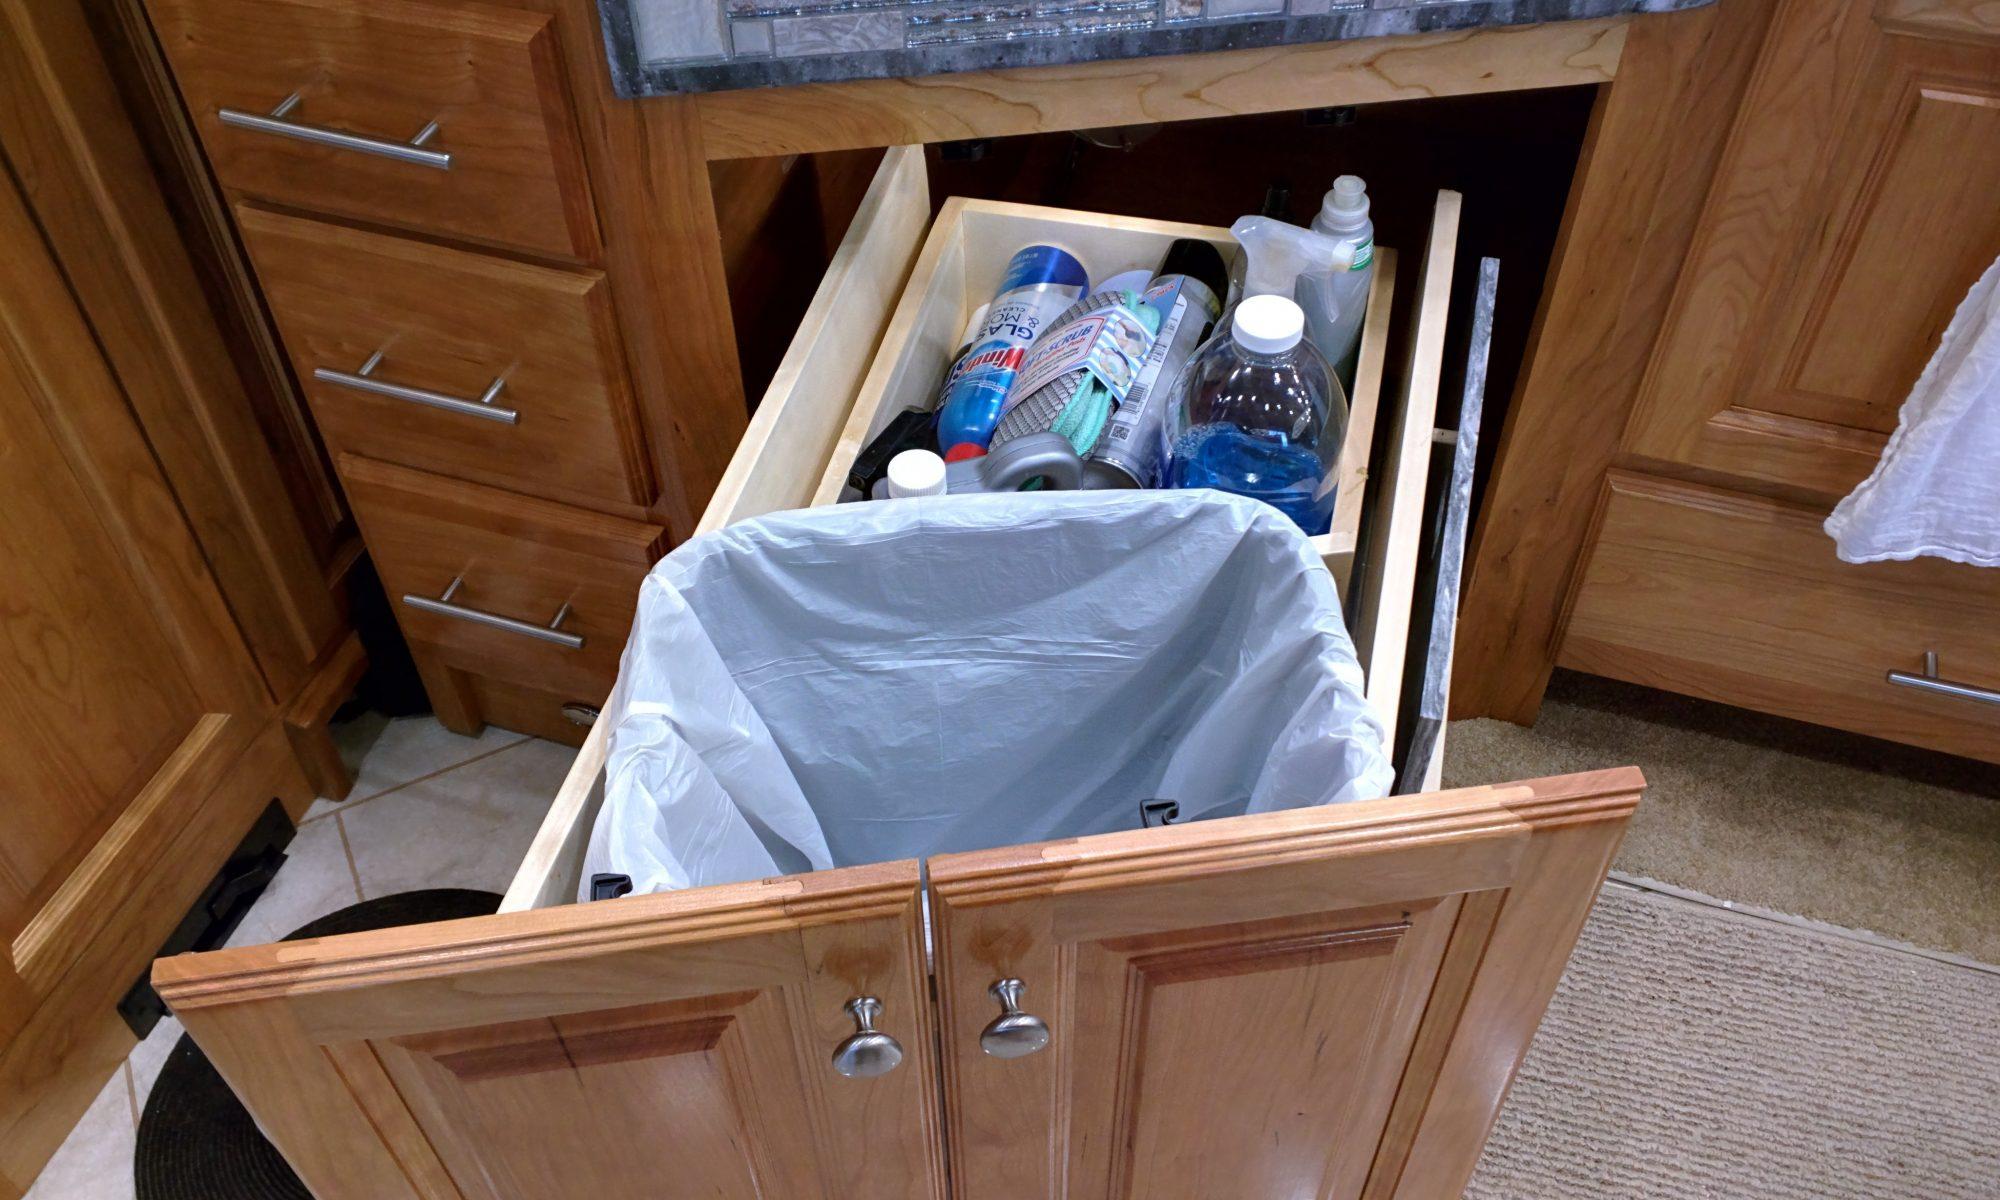 Trash Slide-Out - After